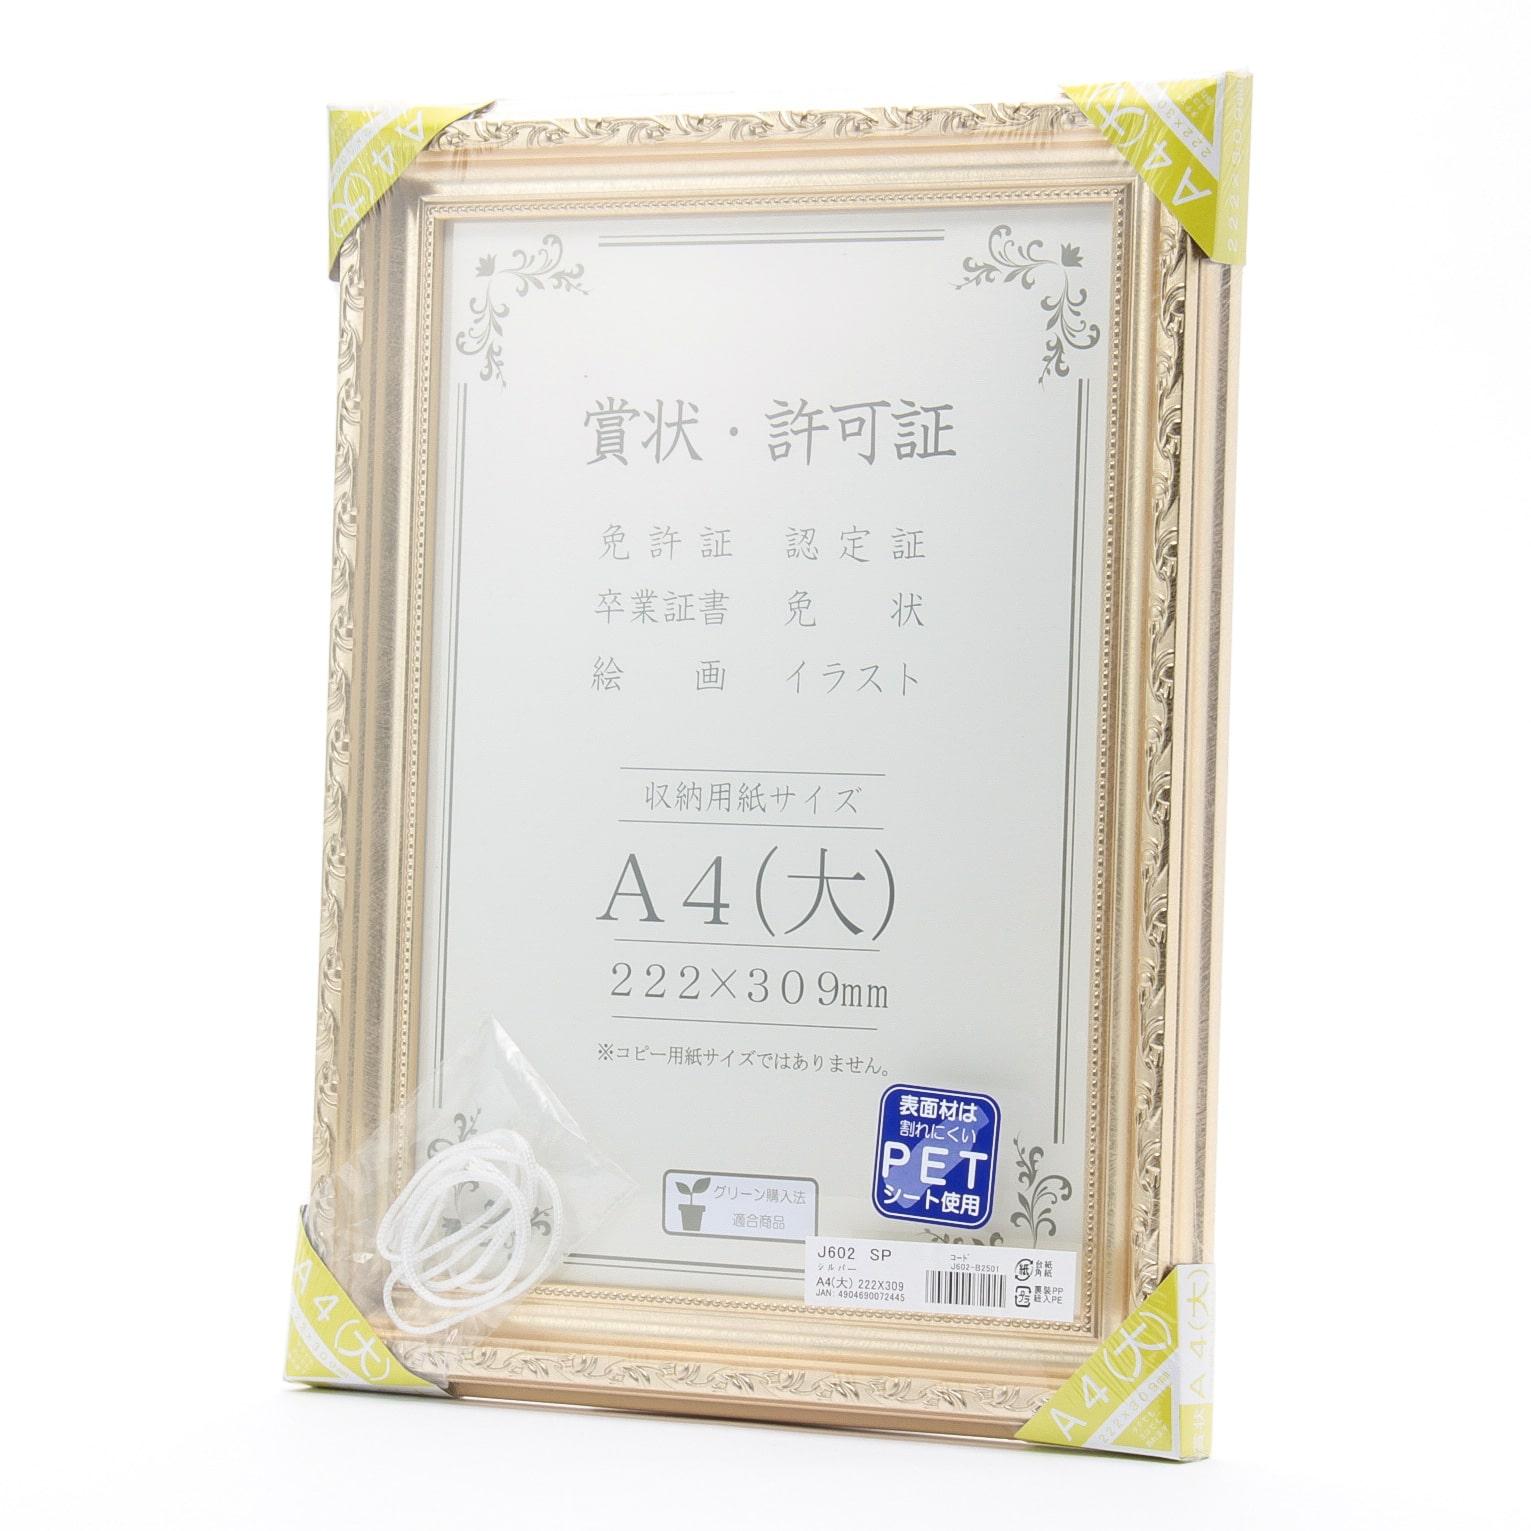 高級賞状額 J602 SP A4(大) シルバー